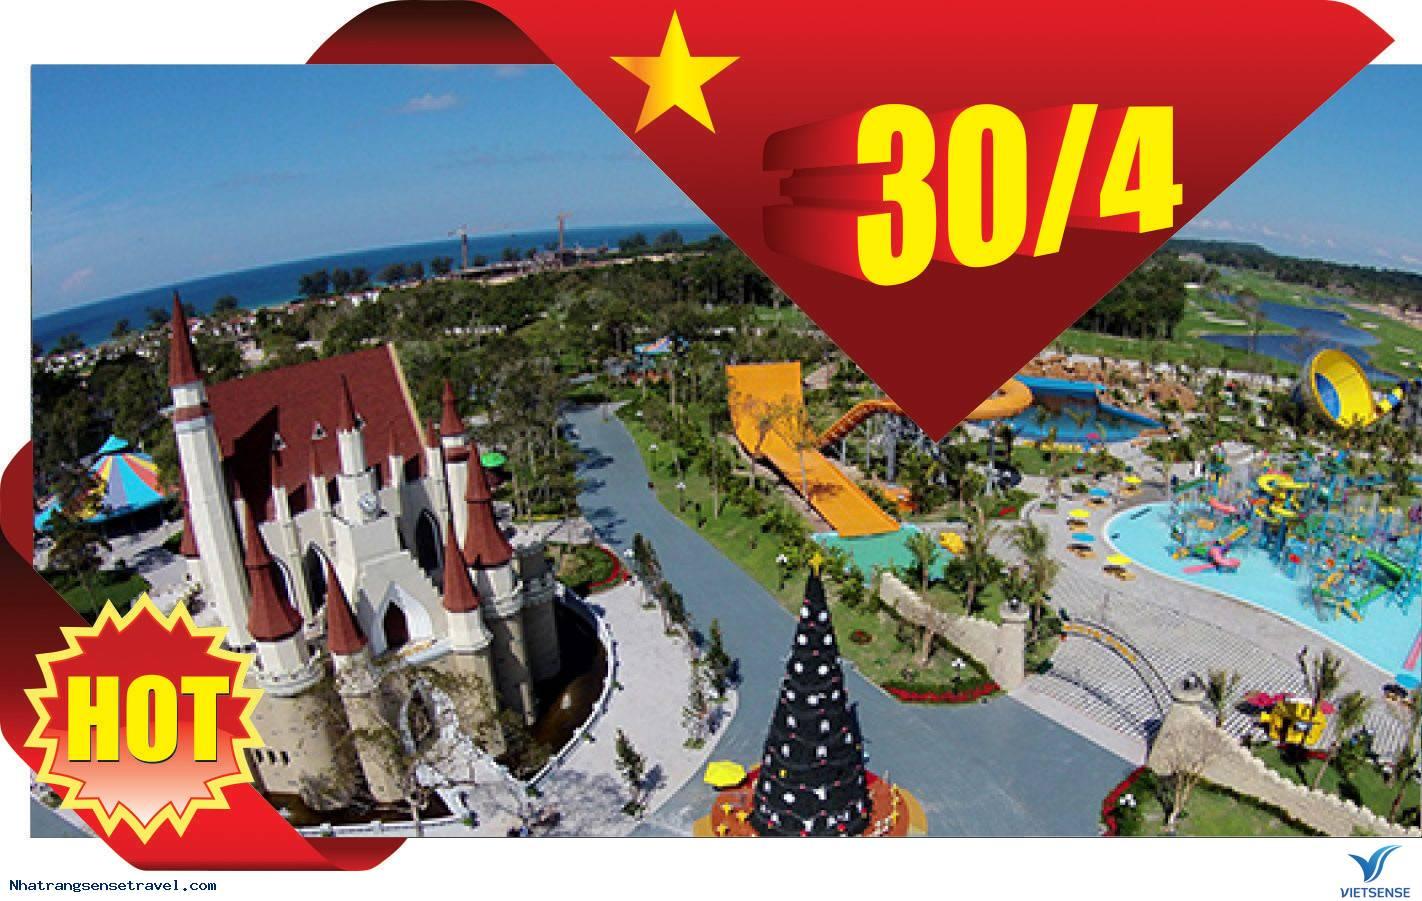 Tour Du Lịch Nha Trang 4N3D Từ Hồ Chí Minh GIảm Giá Dịp 30/4